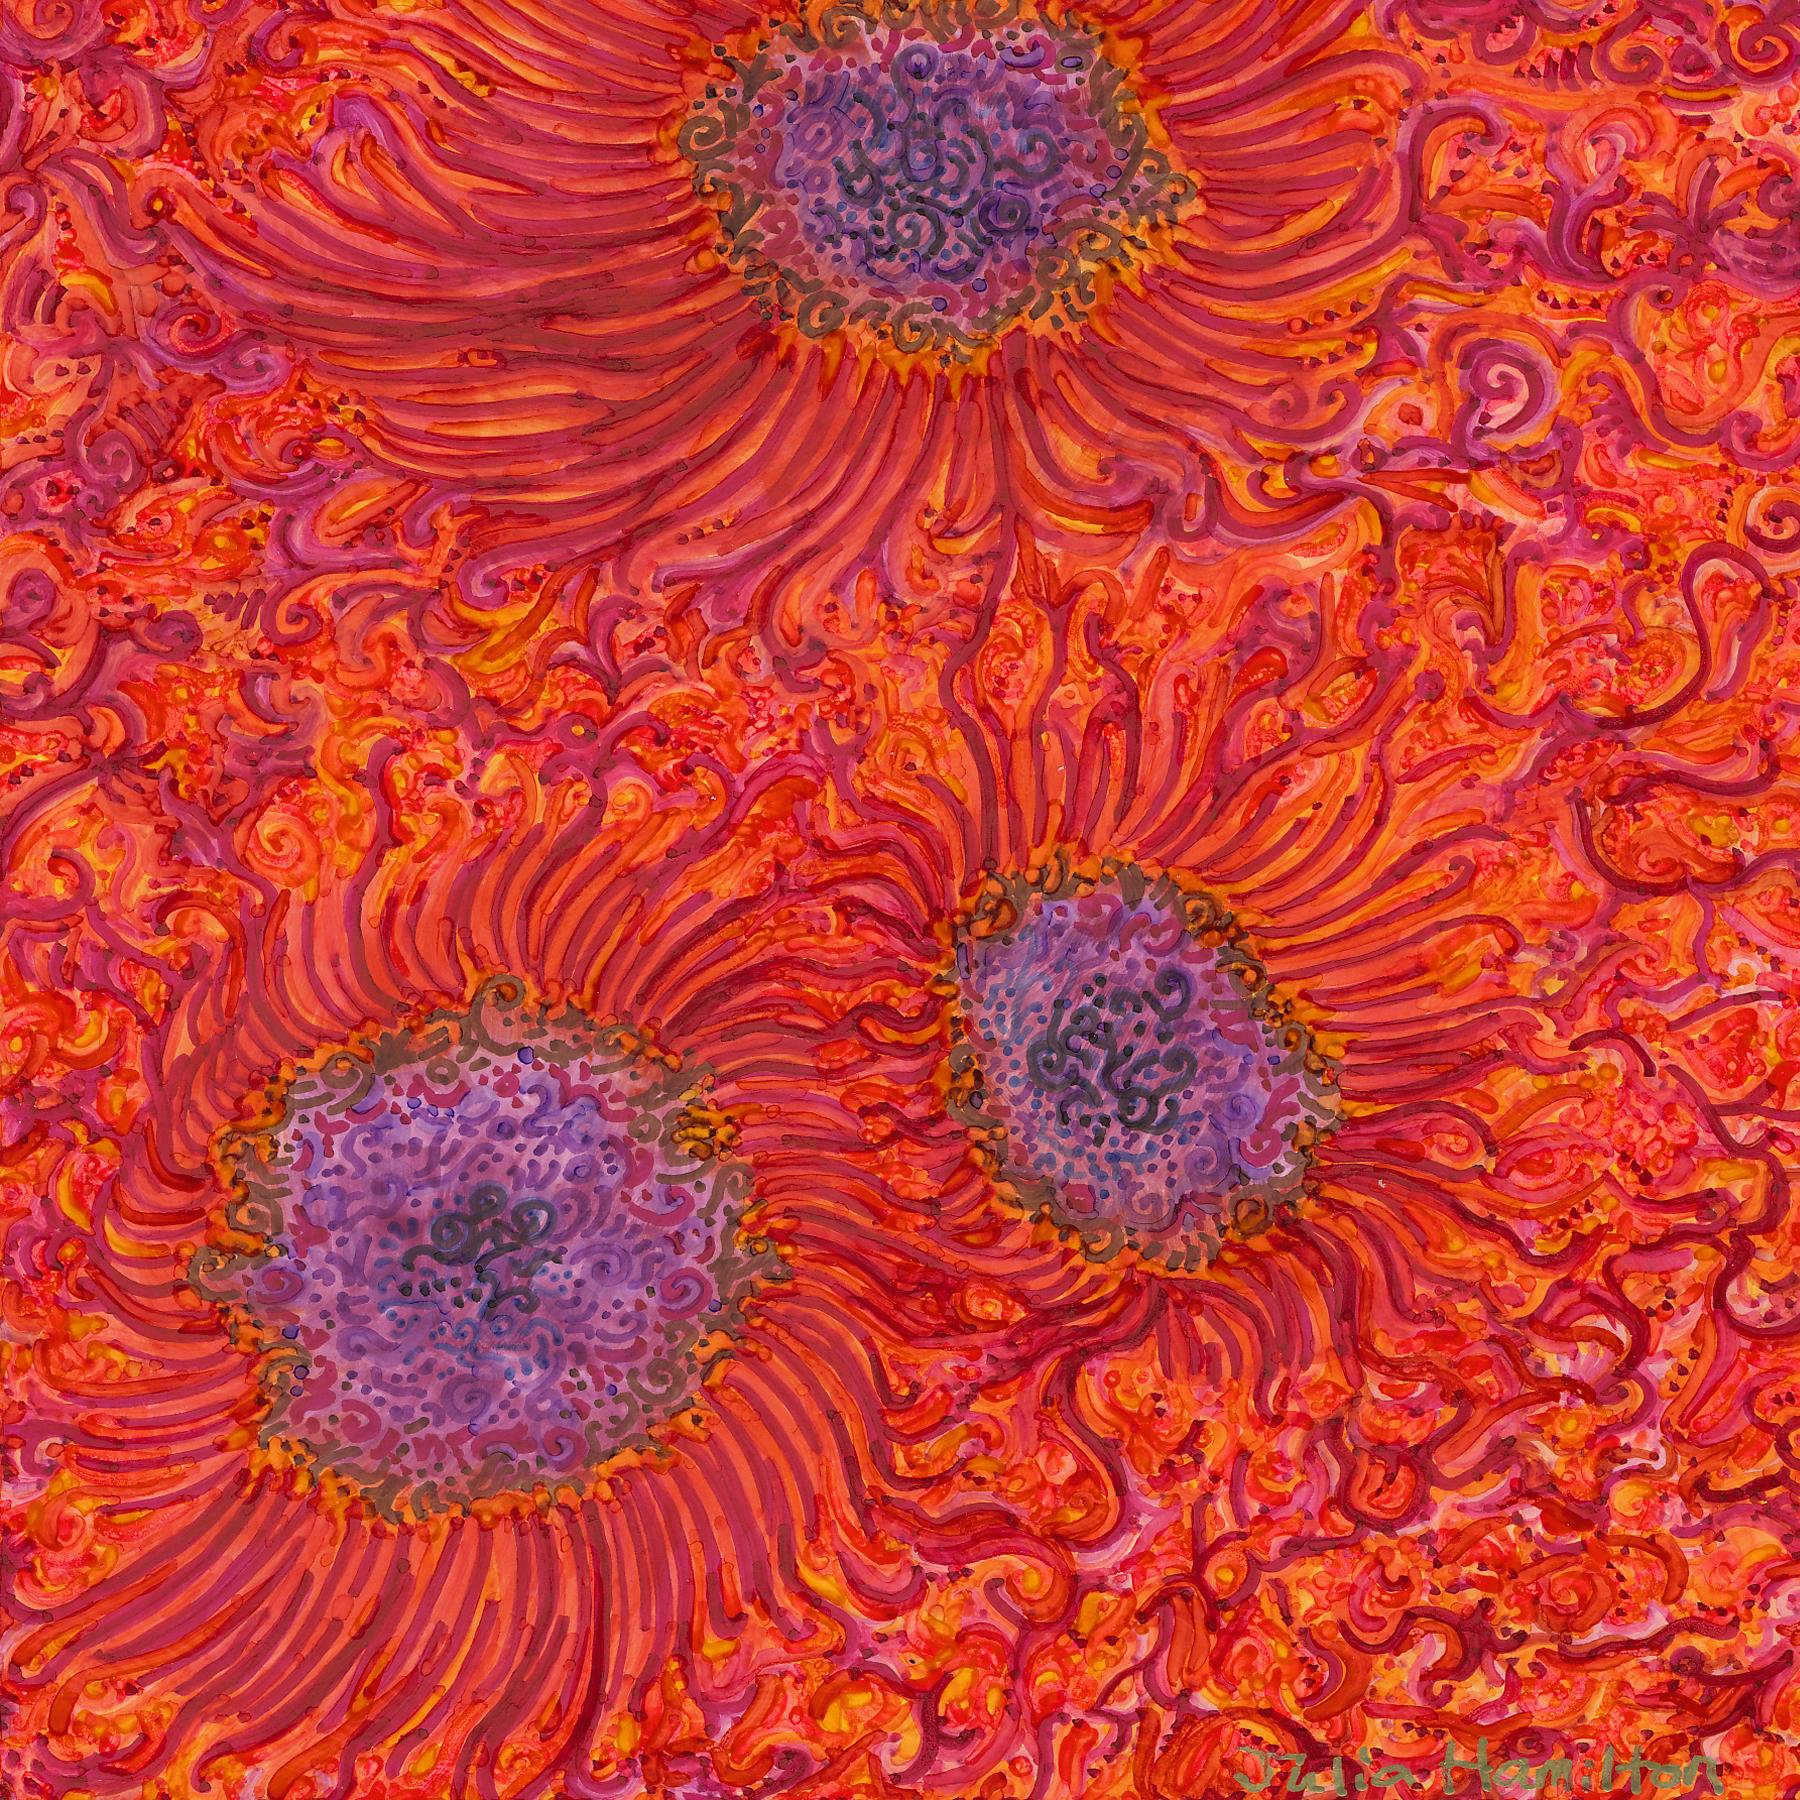 Sun Spots II.jpg